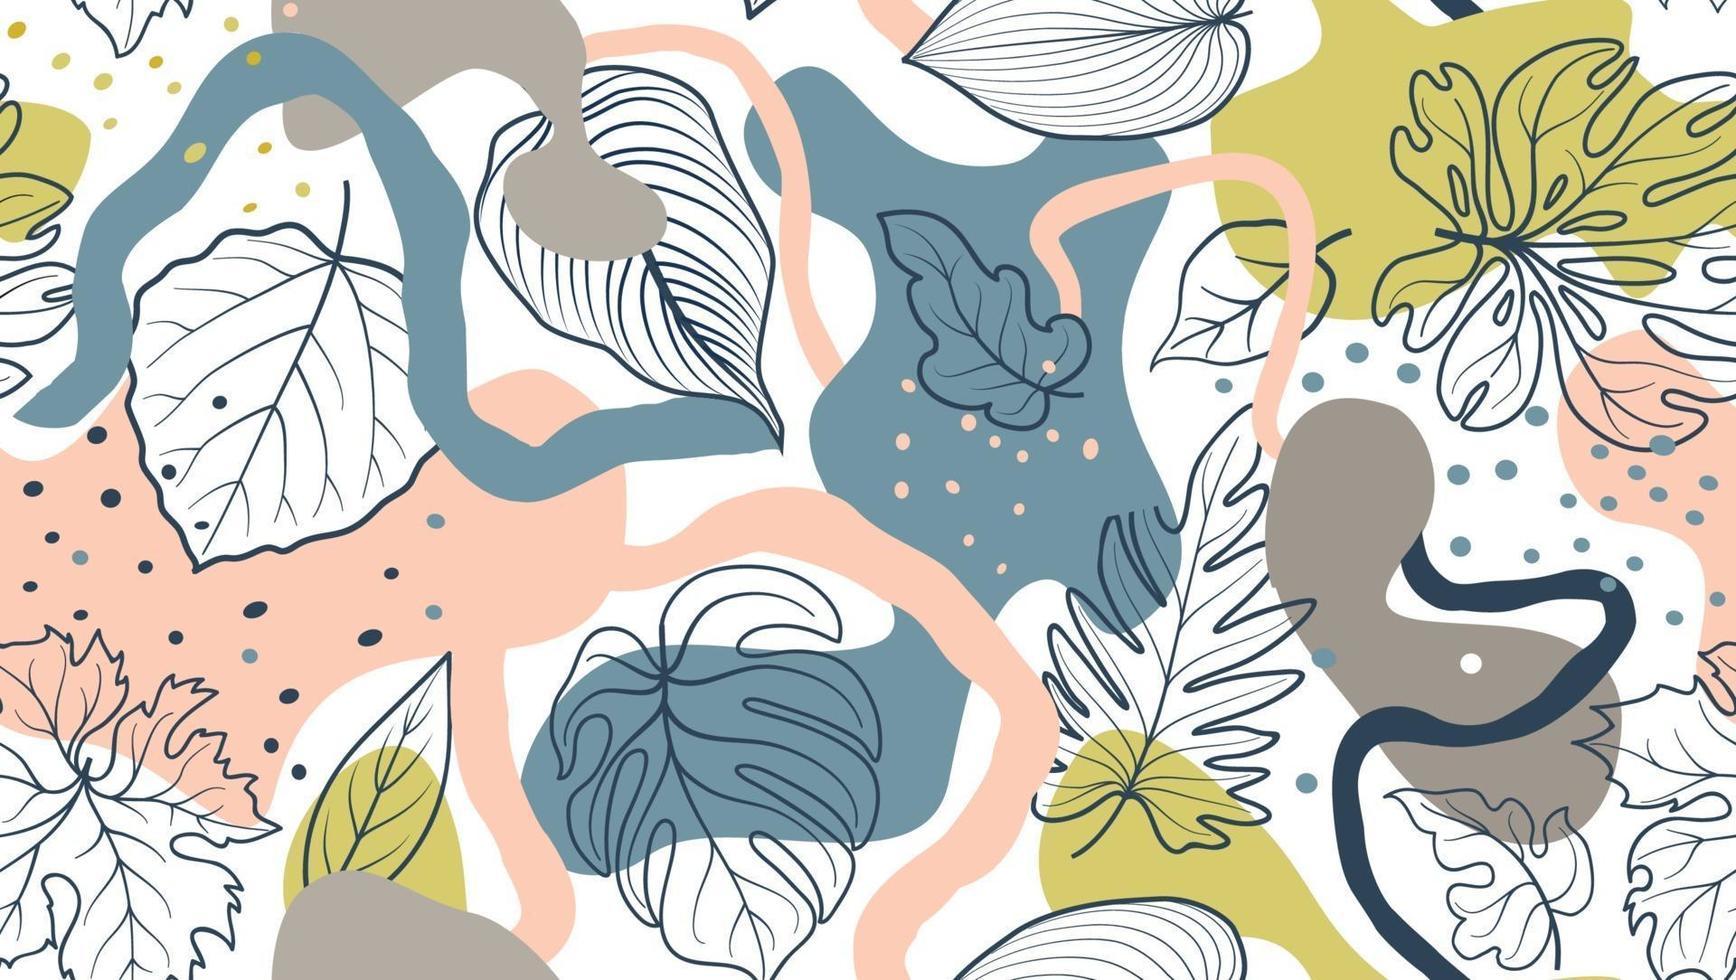 motif floral sans couture avec des feuilles et des taches organiques abstraites sur fond blanc vecteur